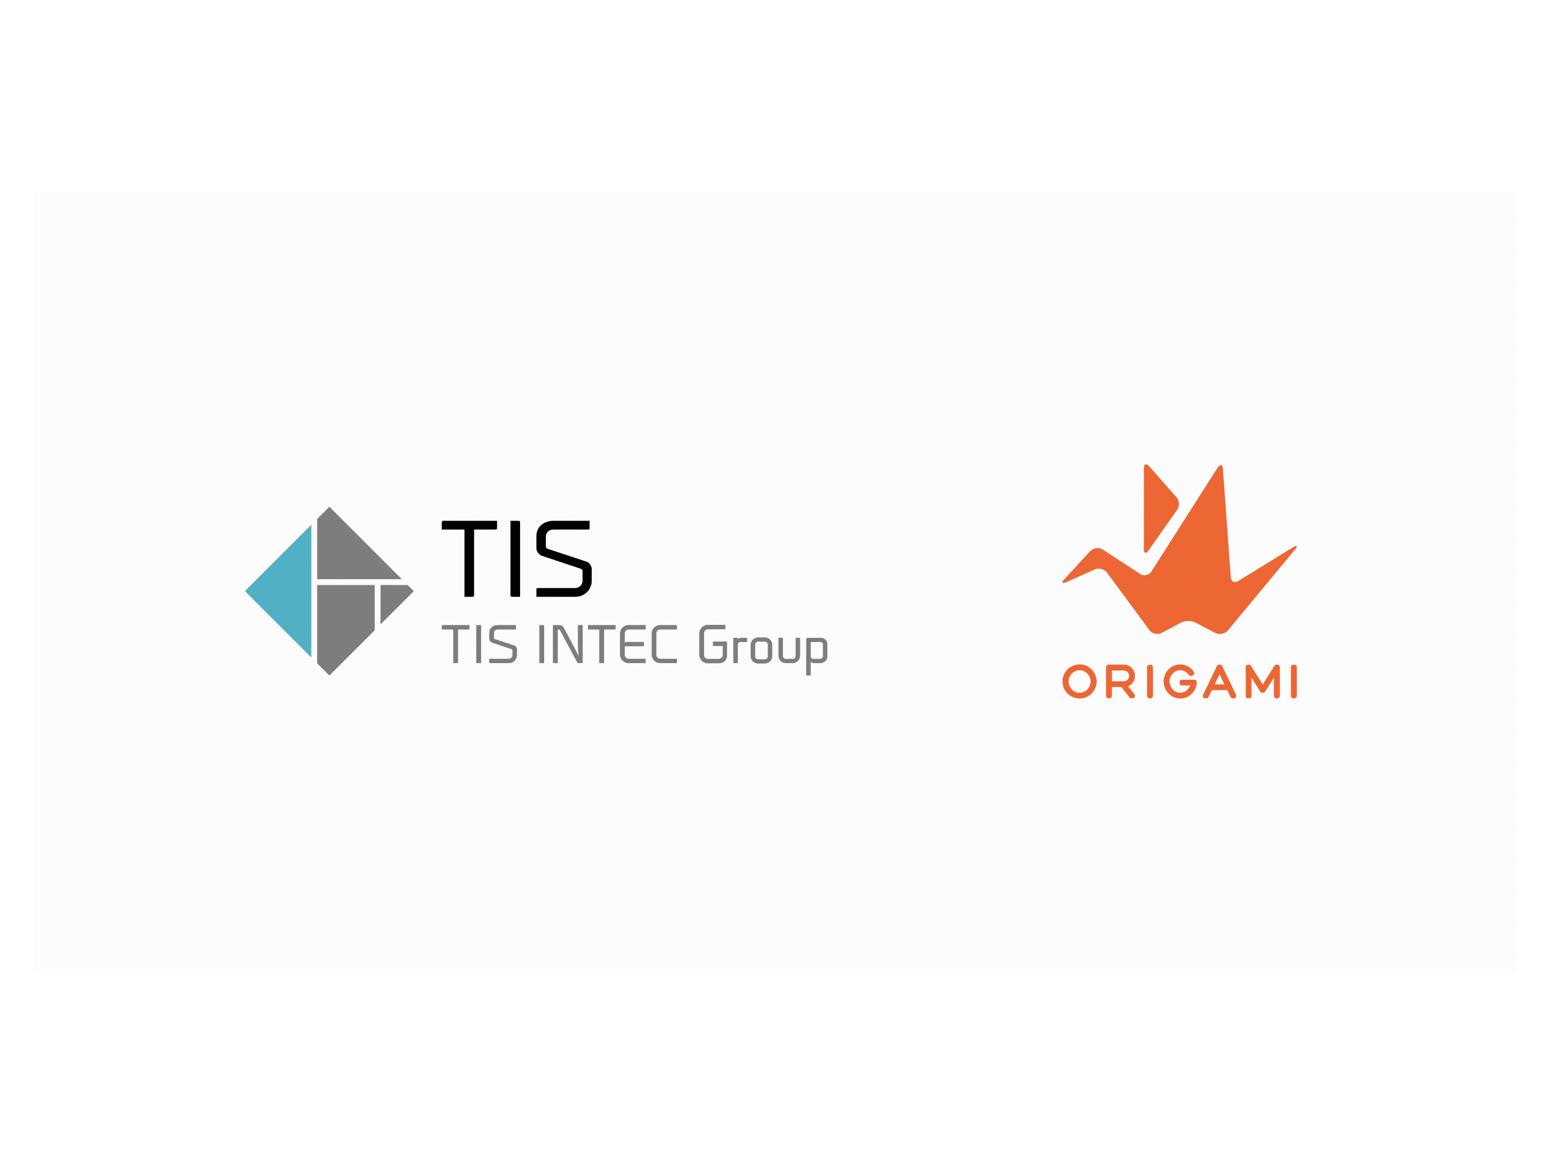 Origami×TIS | 福島県会津若松市での実証研究に「Origami Network」を提供